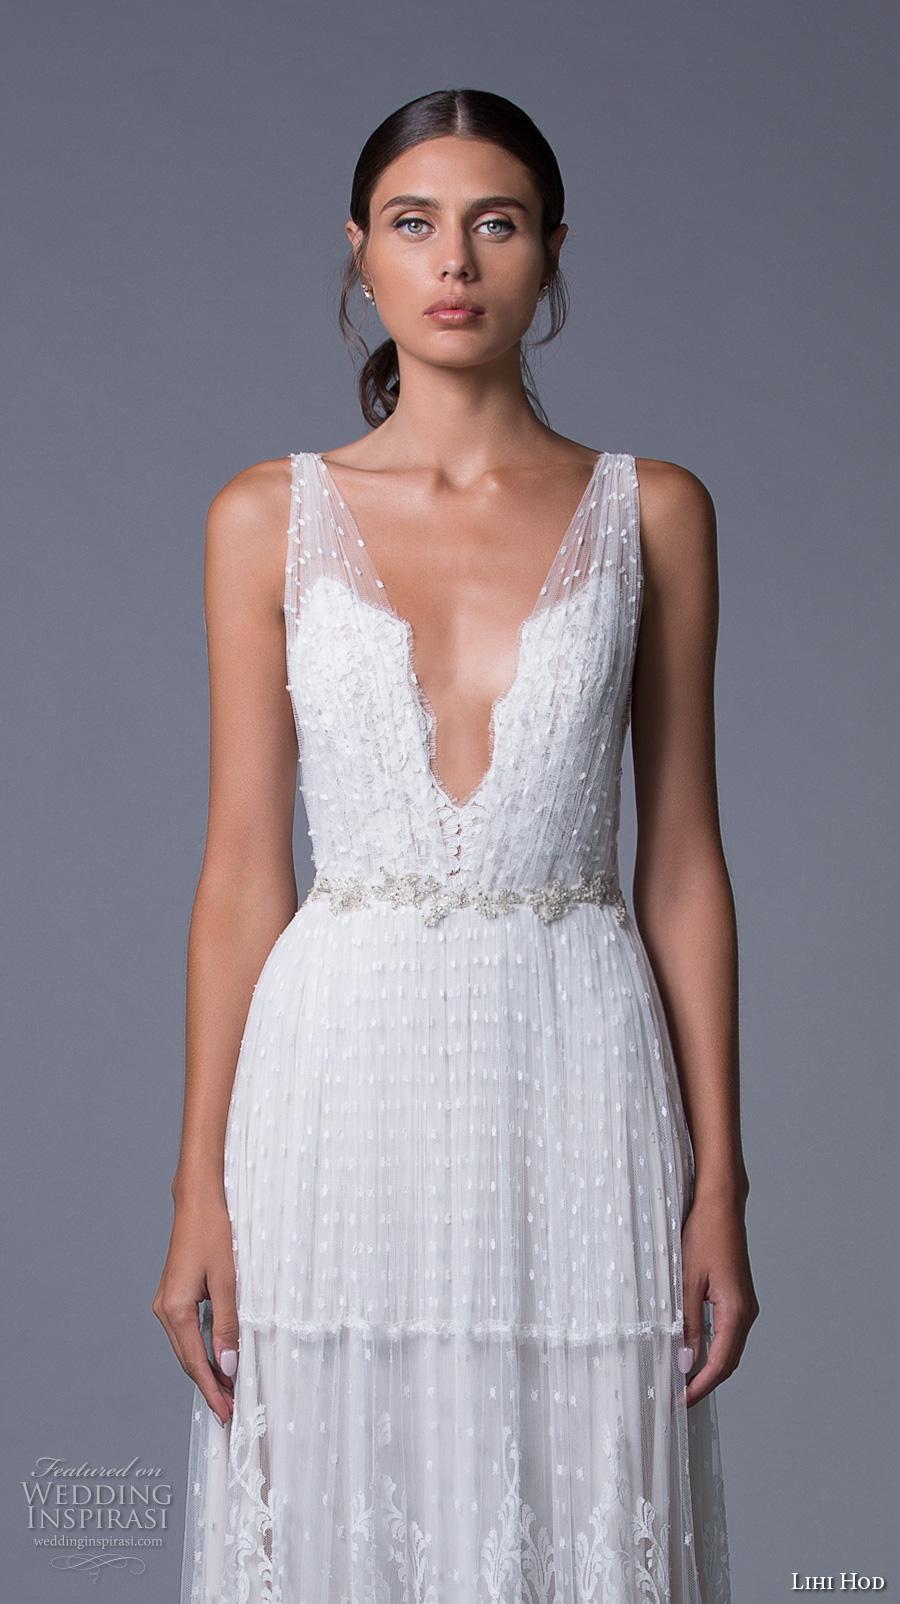 Low Back Wedding Dresses Sydney : Lihi hod wedding dresses maison des r?ves bridal